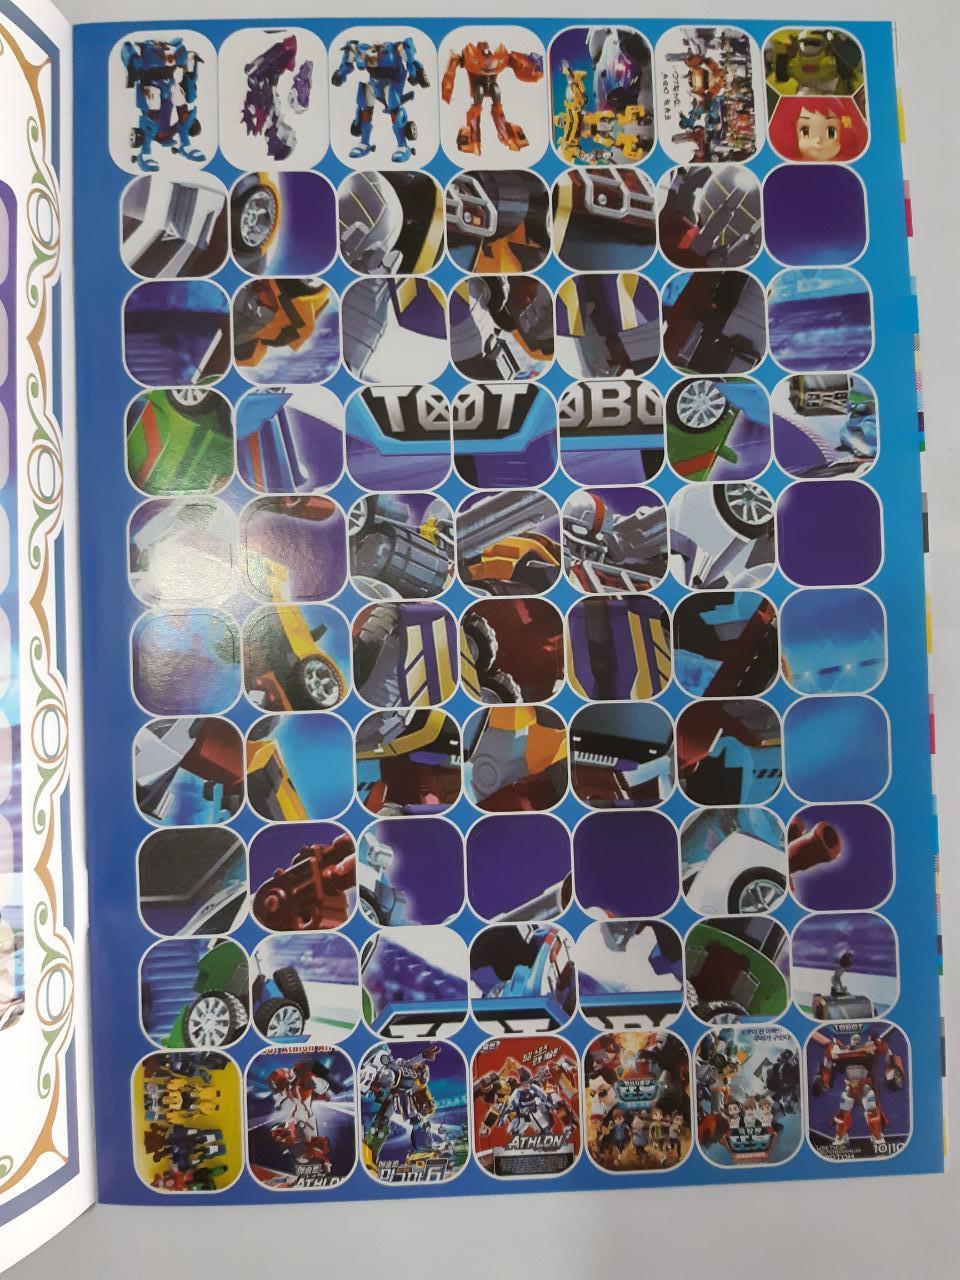 Бебиарт Раскраска А4 150 наклеек/Тобот: продажа, цена в ...